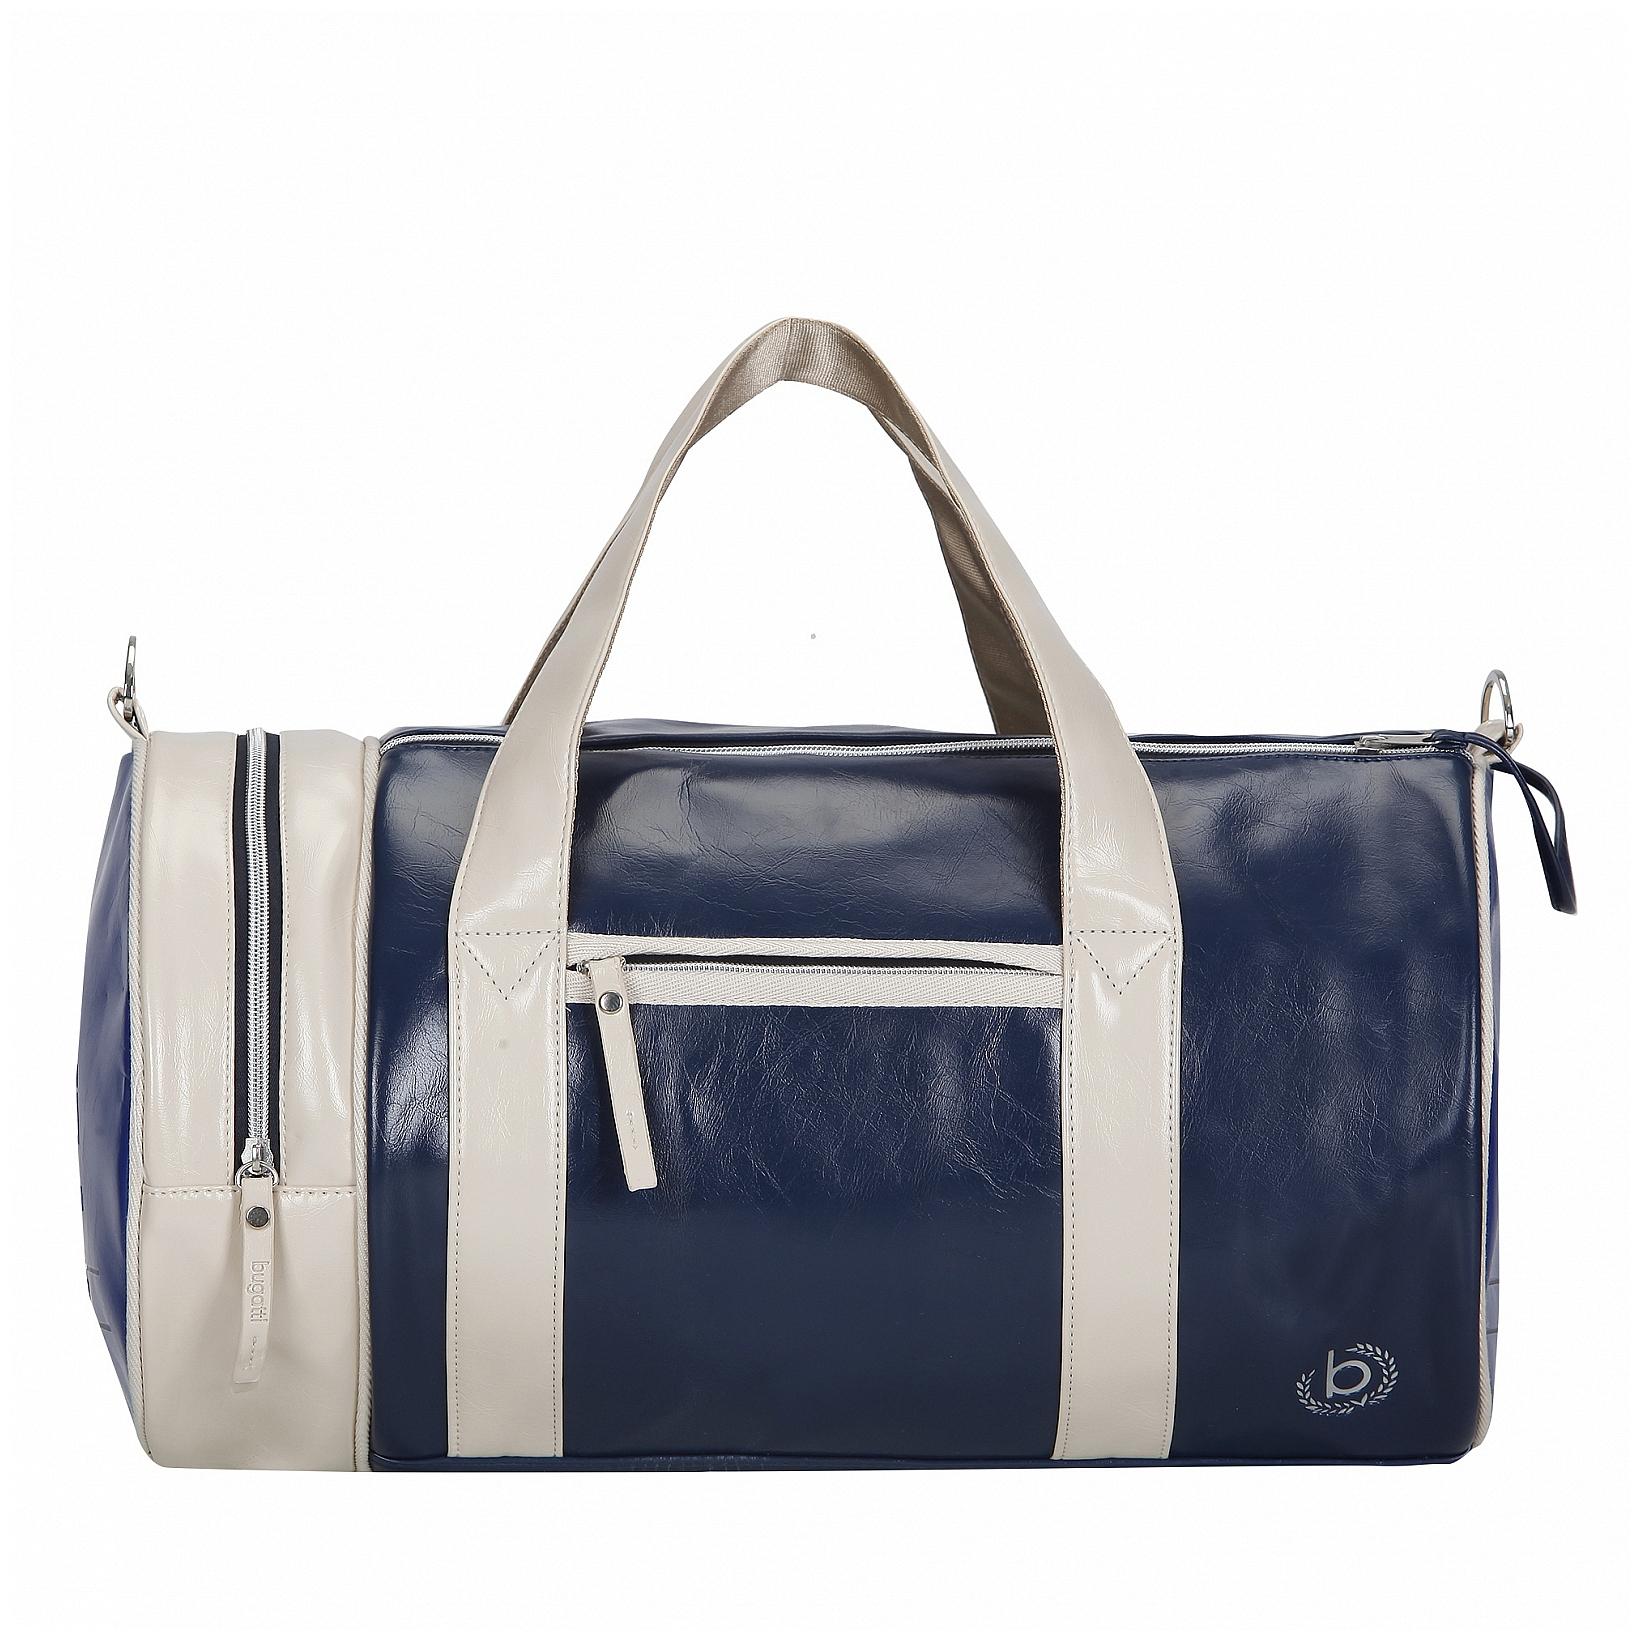 Bugatti Sportovní taška Gioco 49823705 modro-bílá